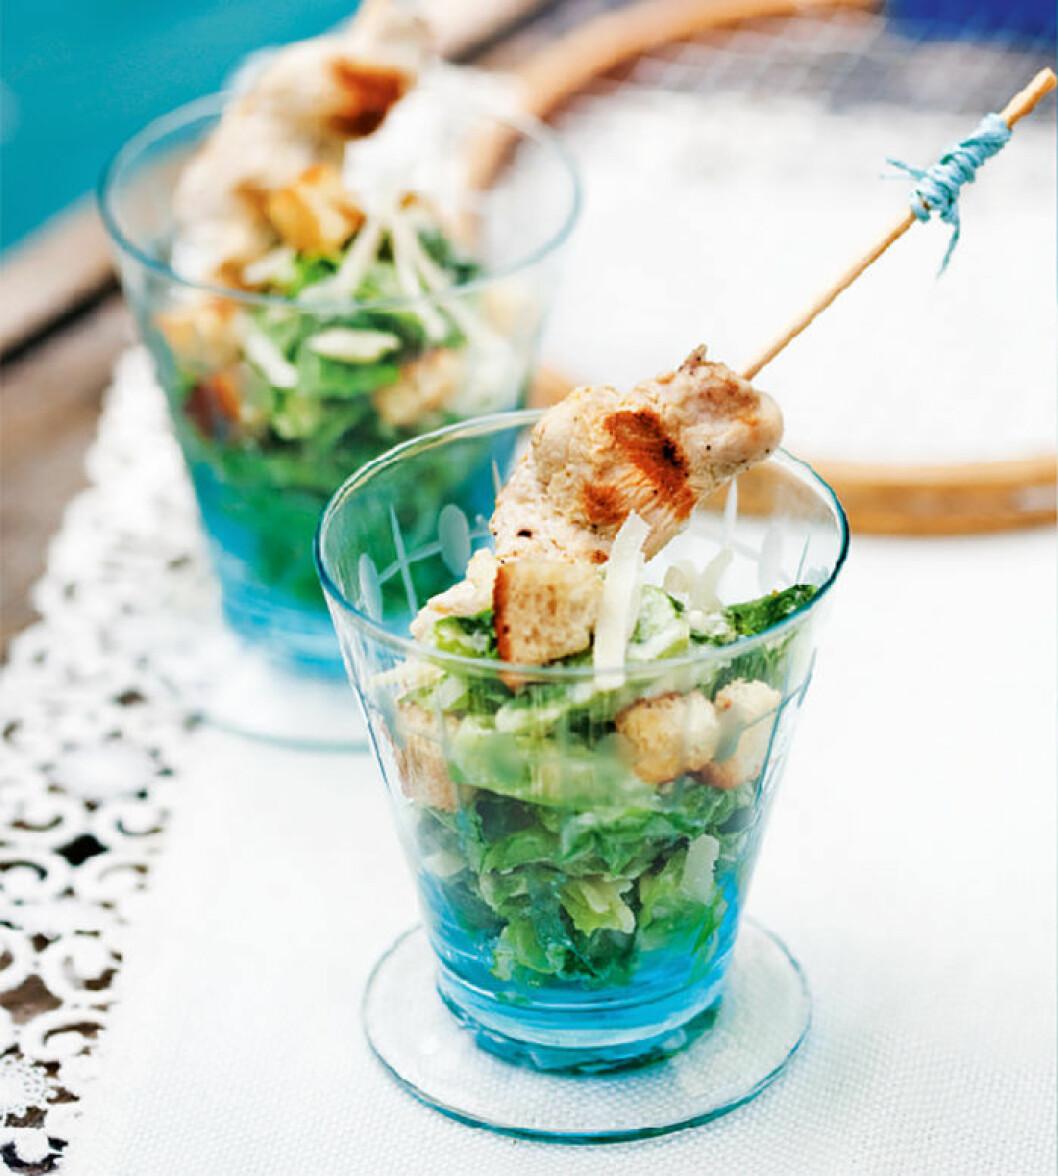 Caesarsallad med kycklingspett i glas.